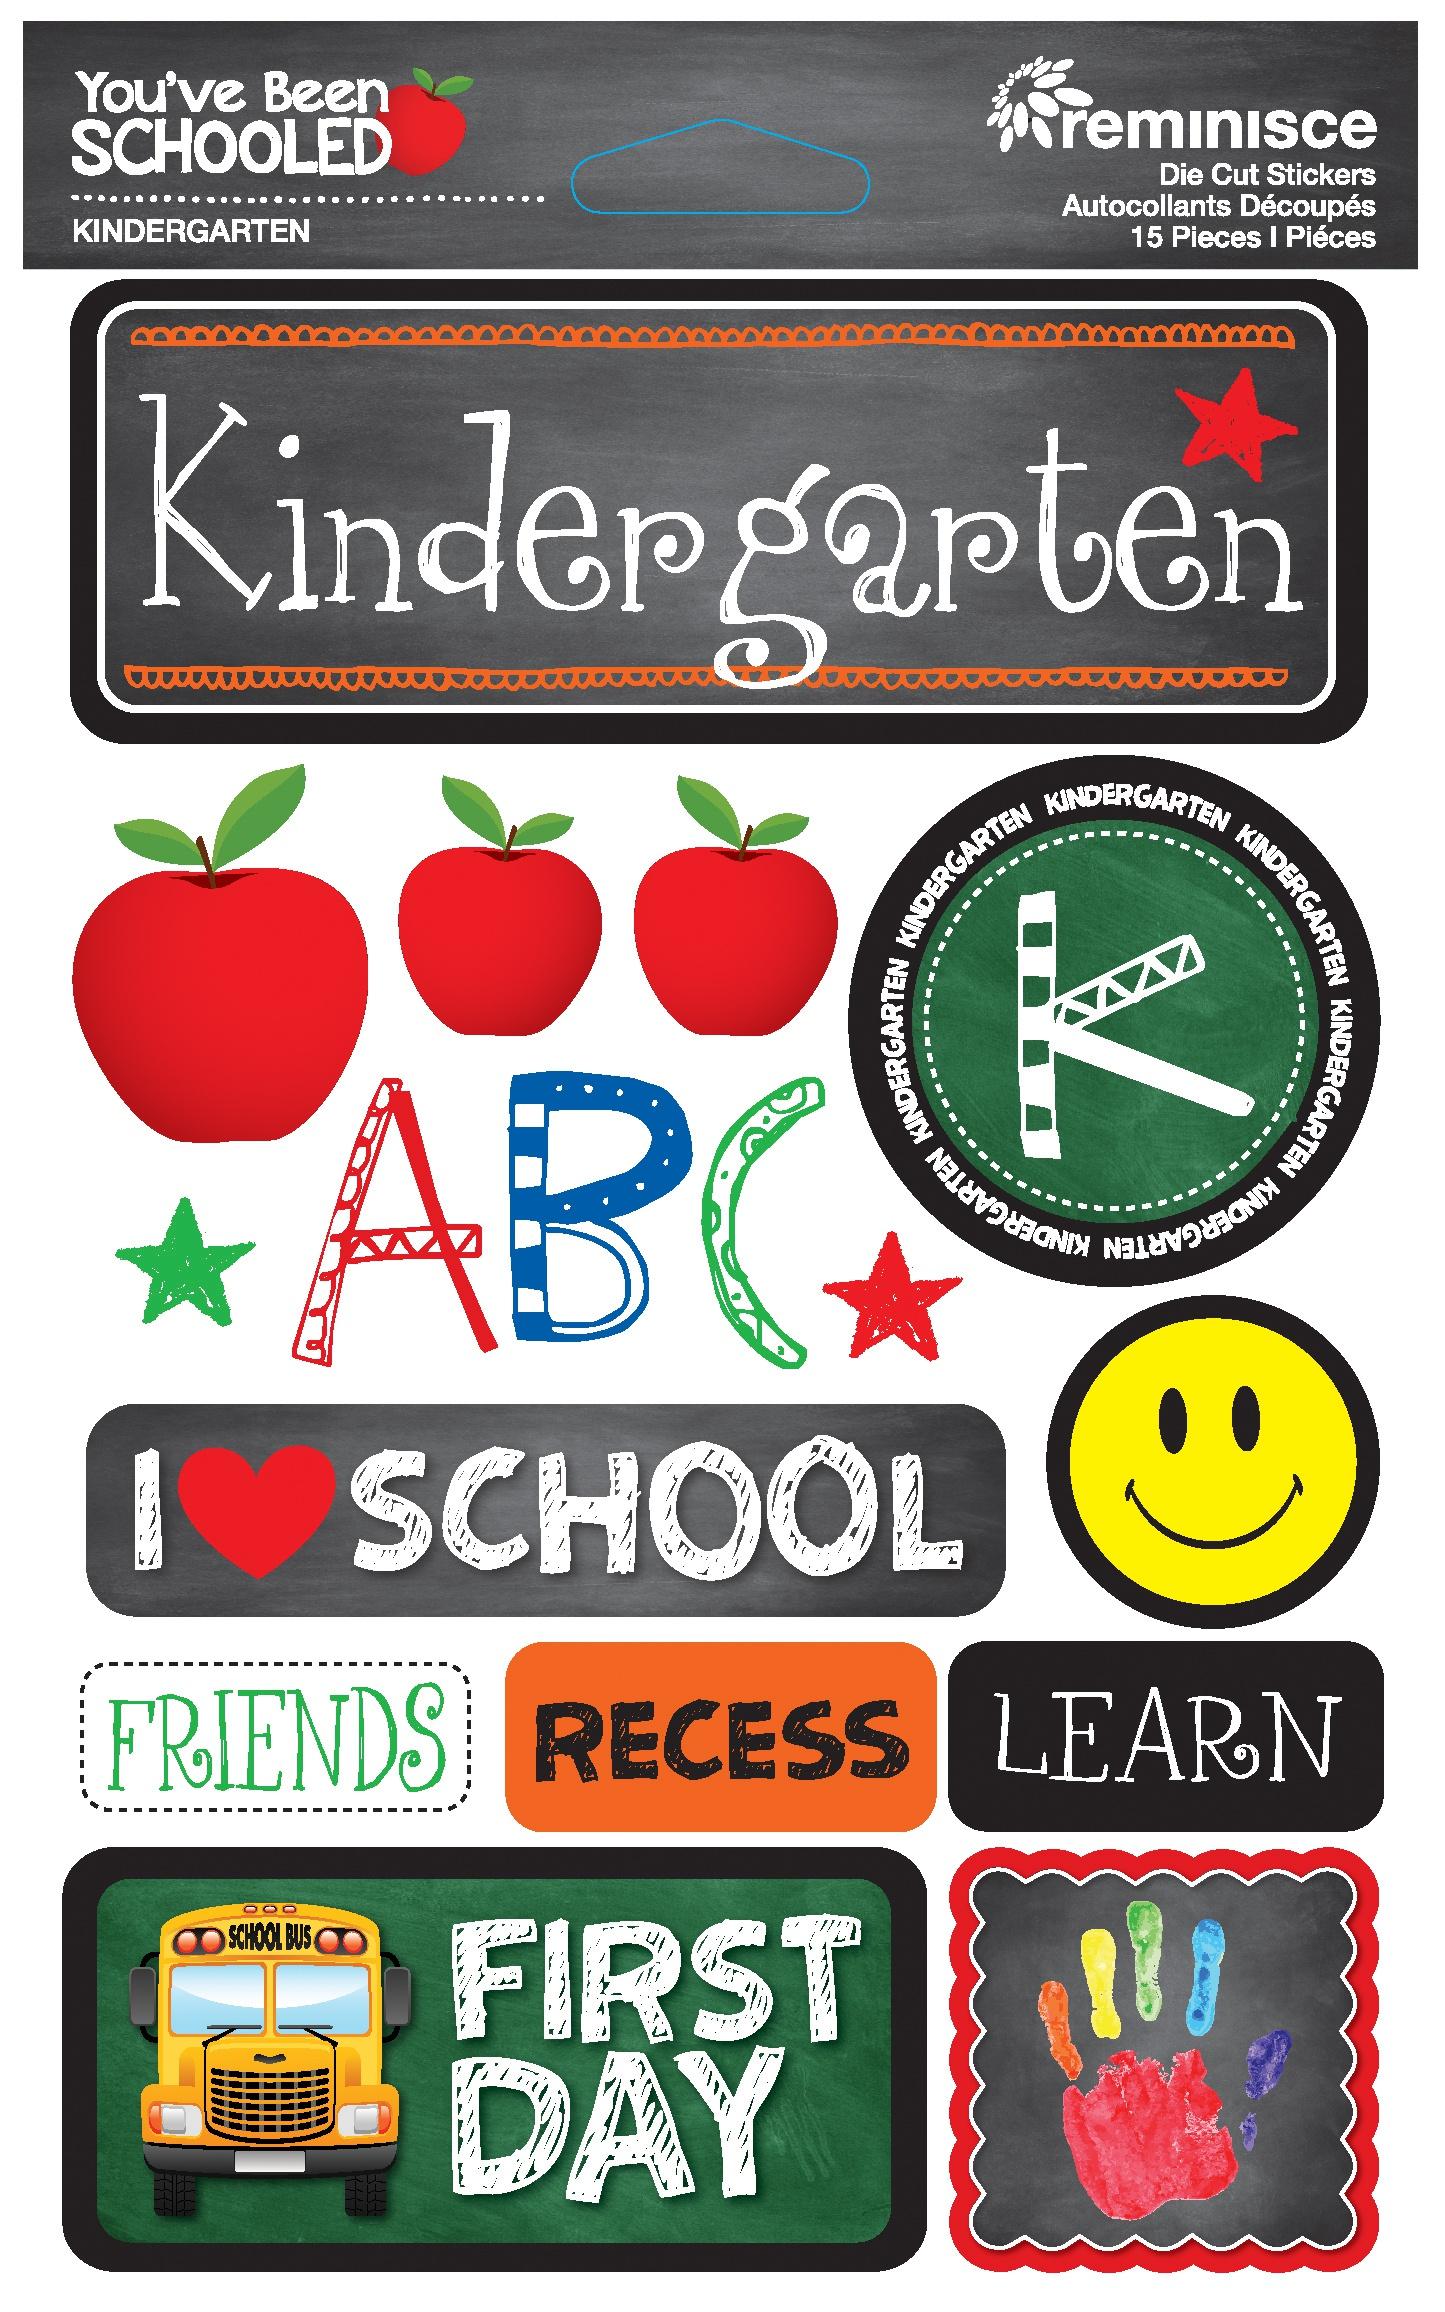 Reminisce You've Been Schooled - Kindergarten 3D Dimensional Stickers